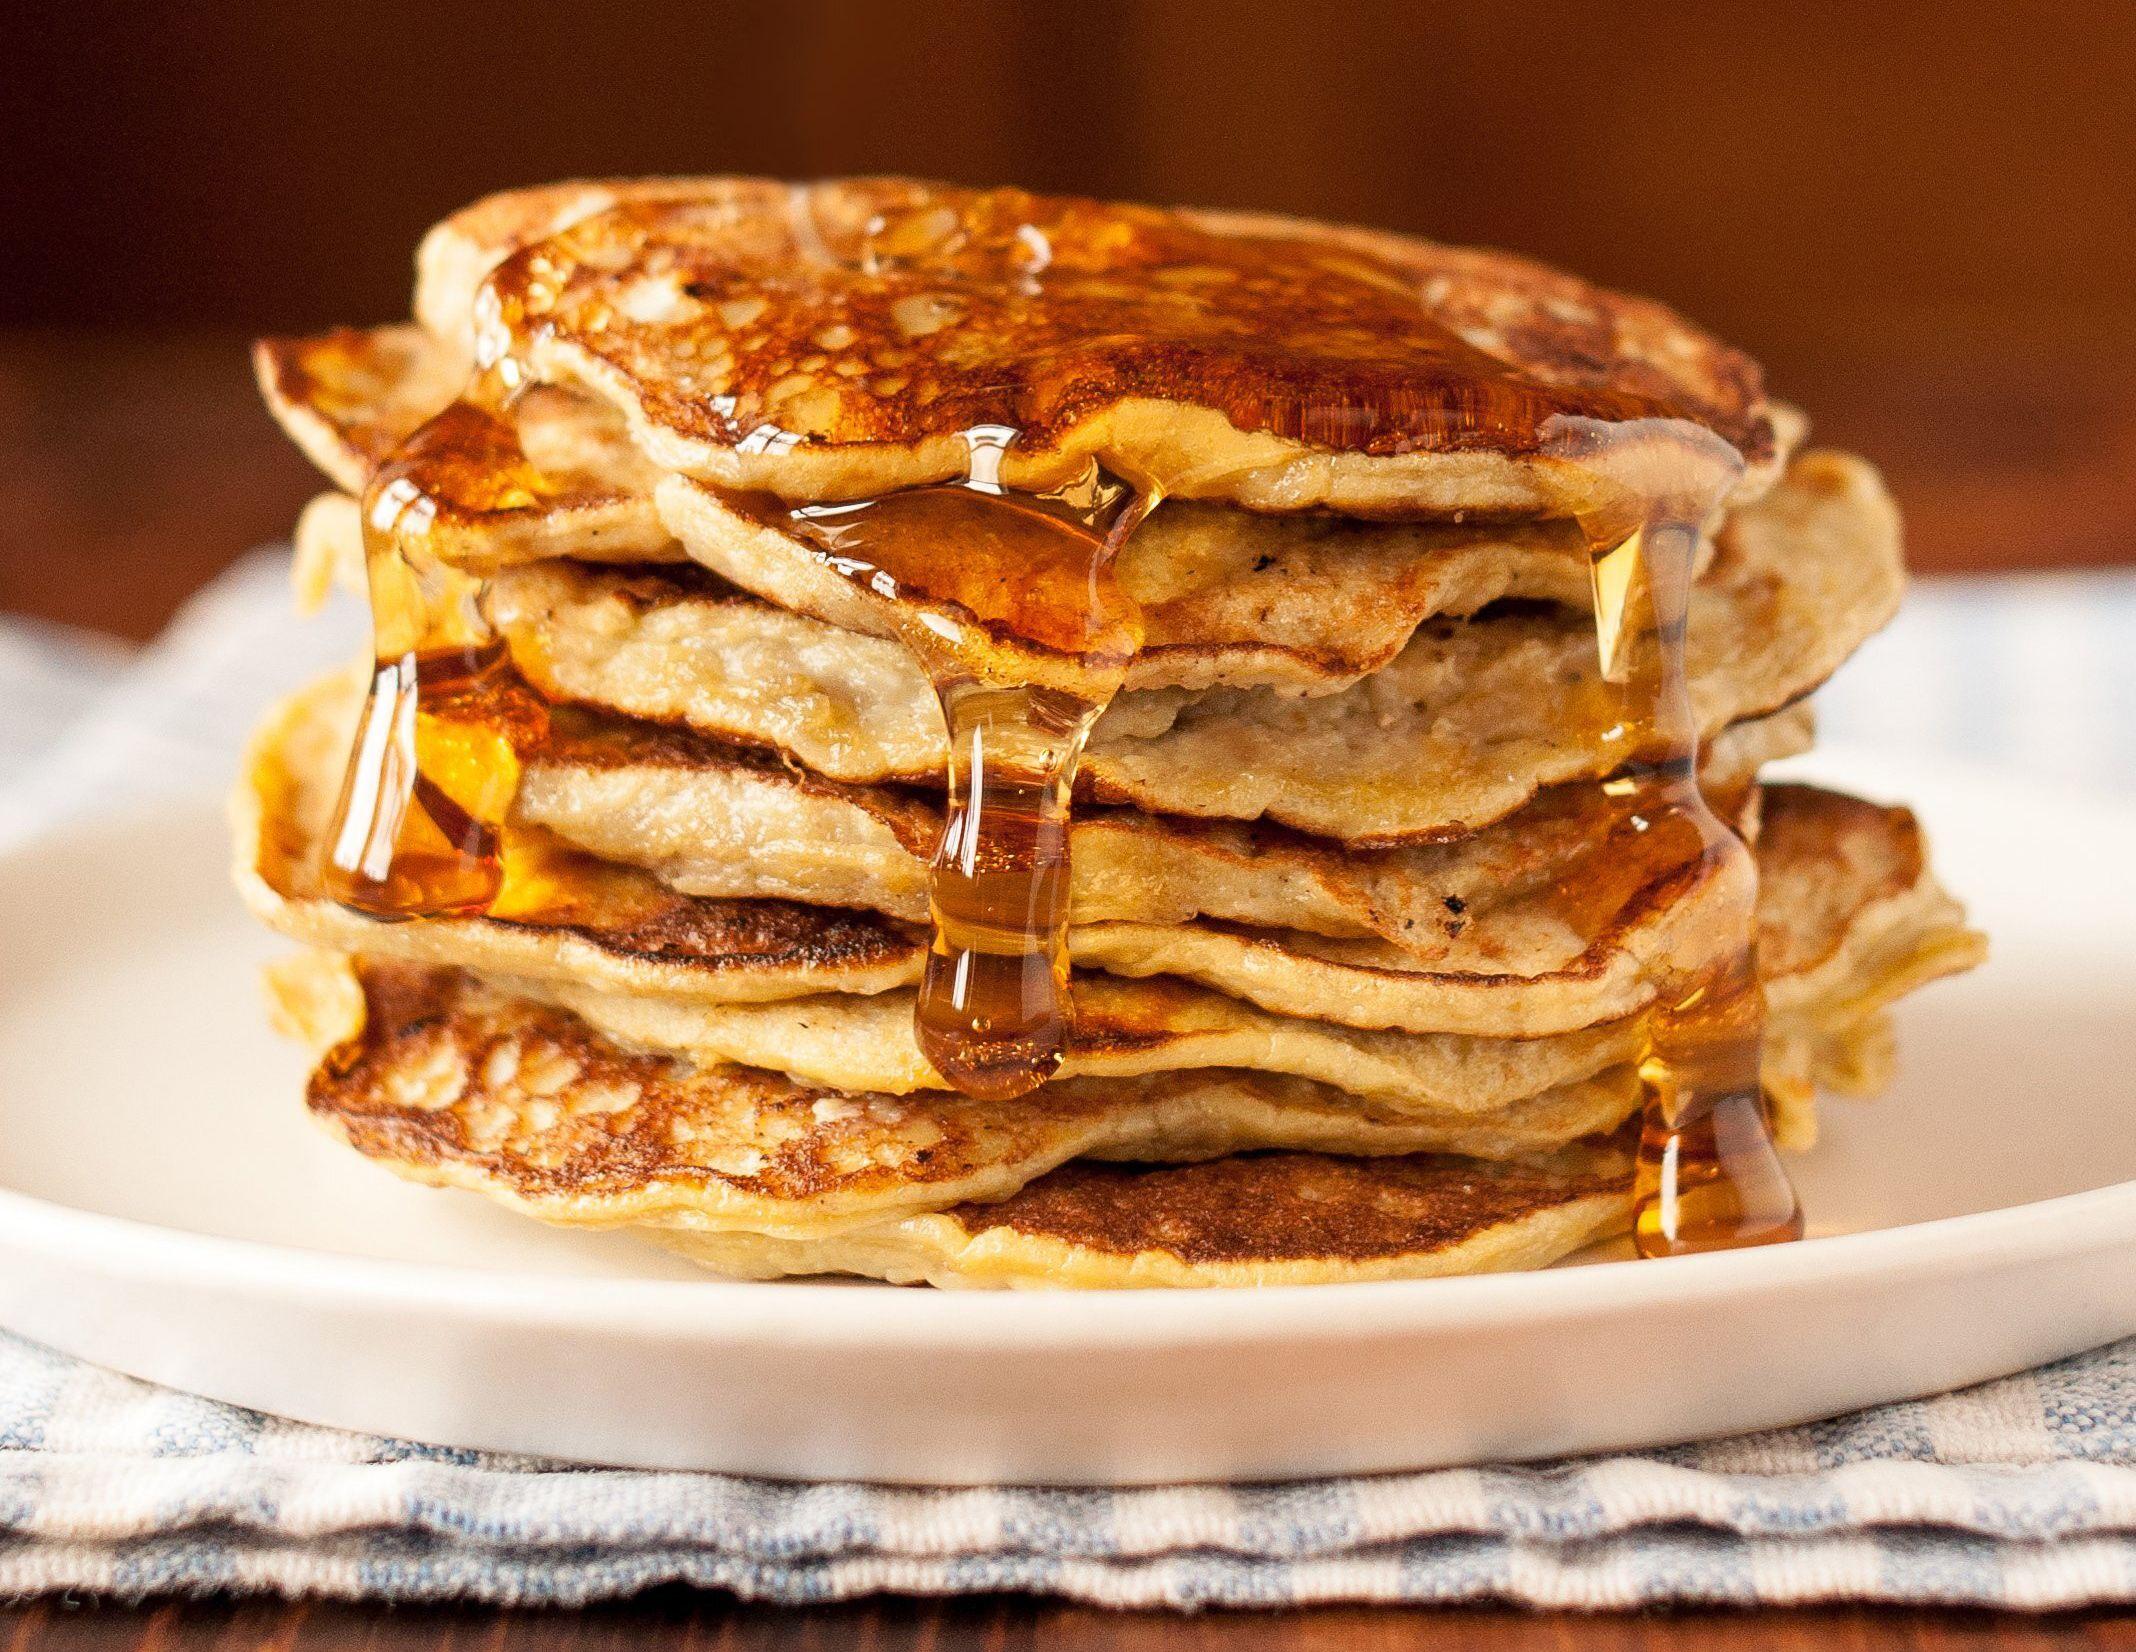 How To Make 2 Ingredient Banana Pancakes Recipe Banana Pancakes Flourless Pancake Recipe Recipes